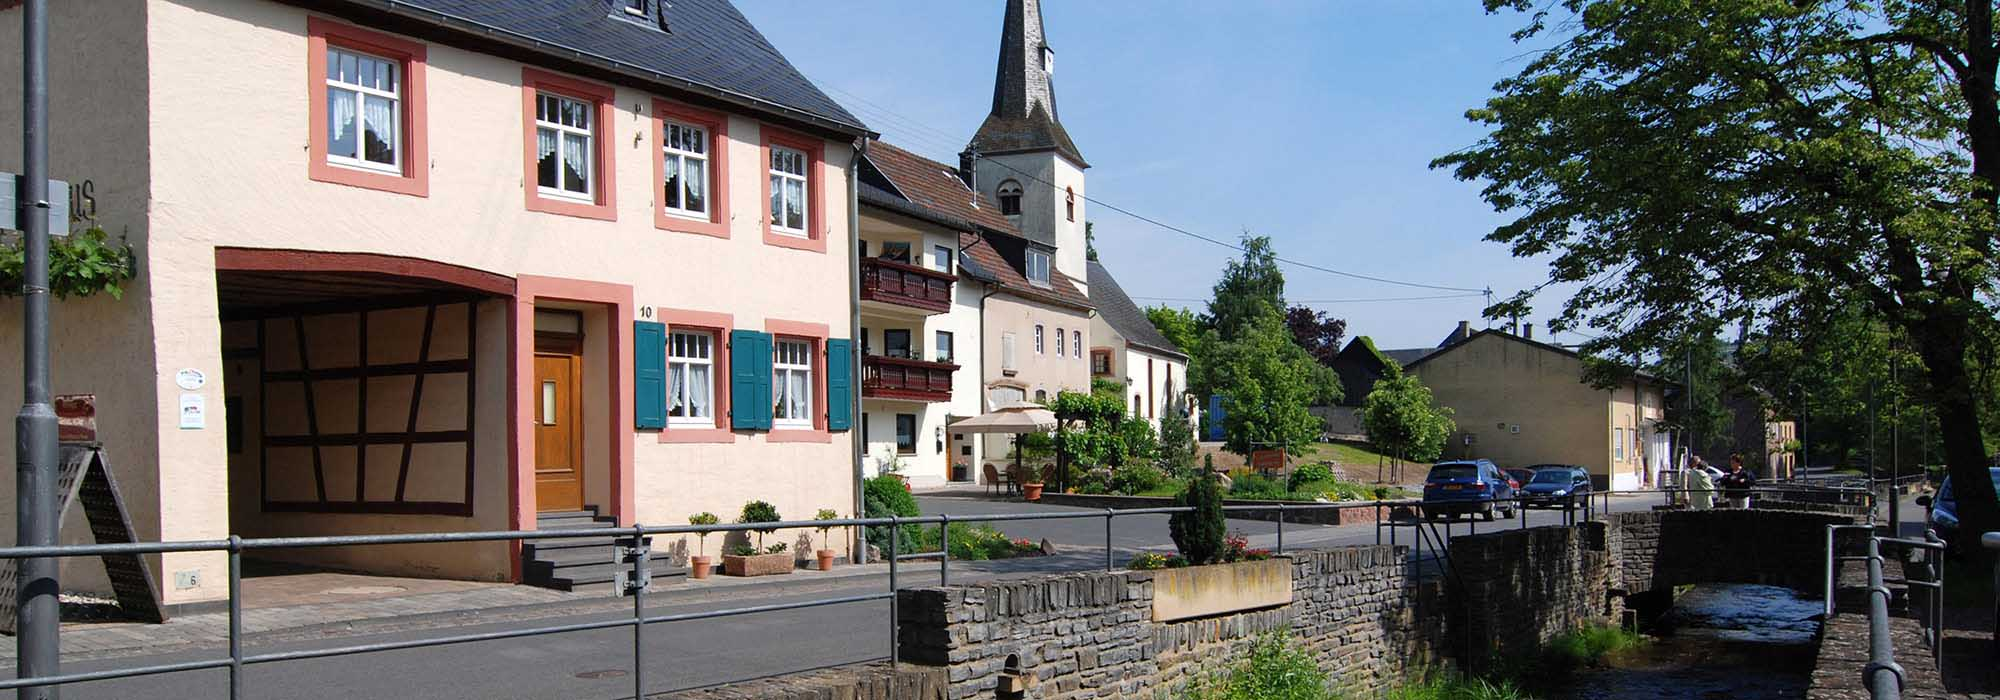 Burgen-Veldenz2-a